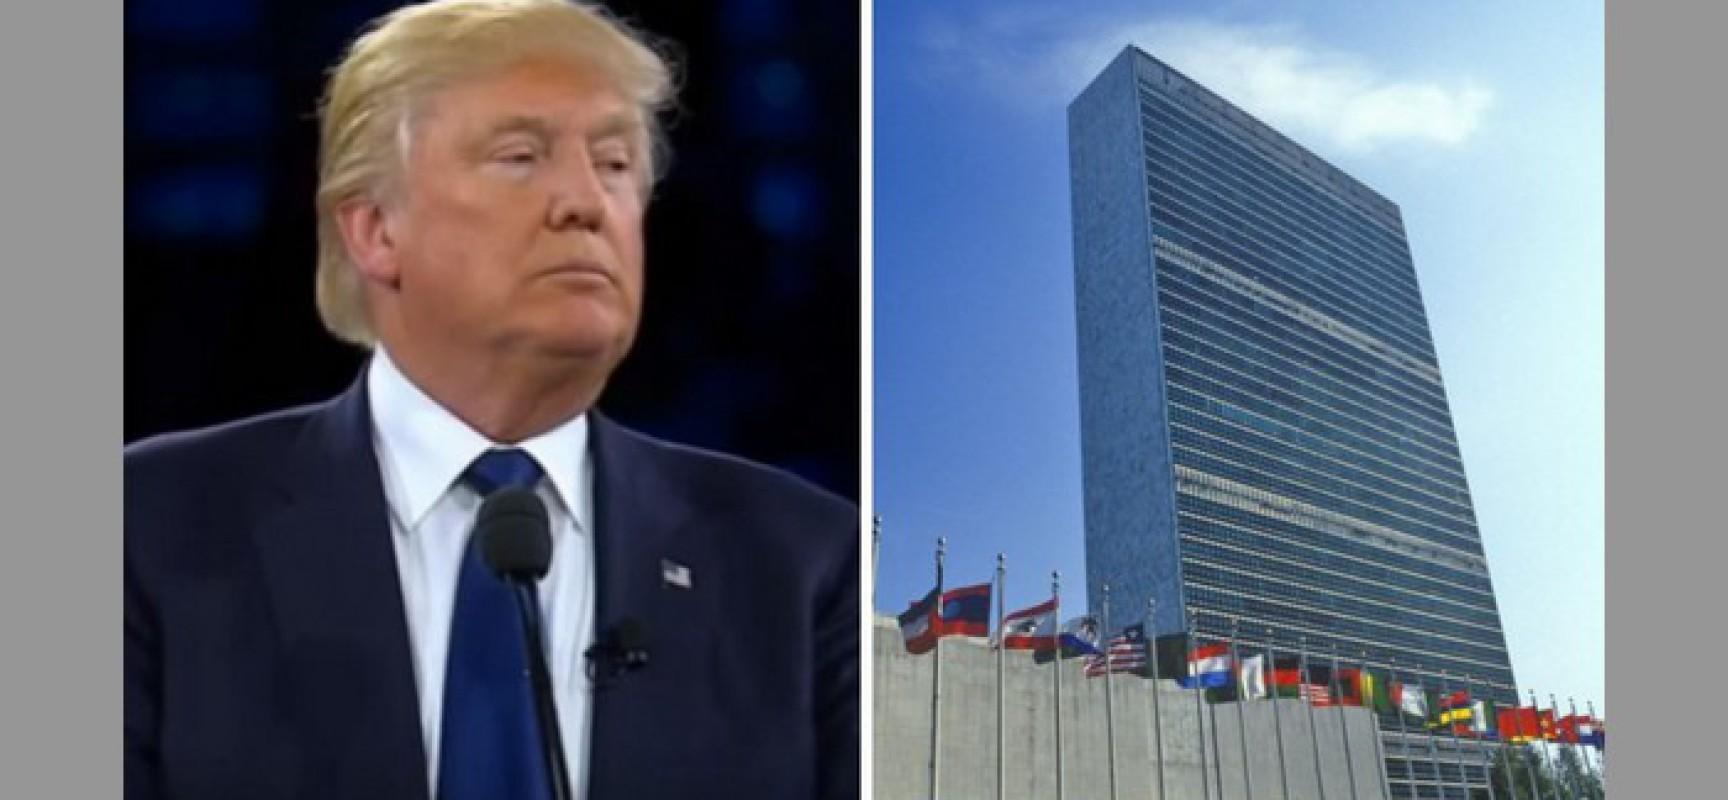 Les USA cherchent-ils à démanteler l'ONU ?